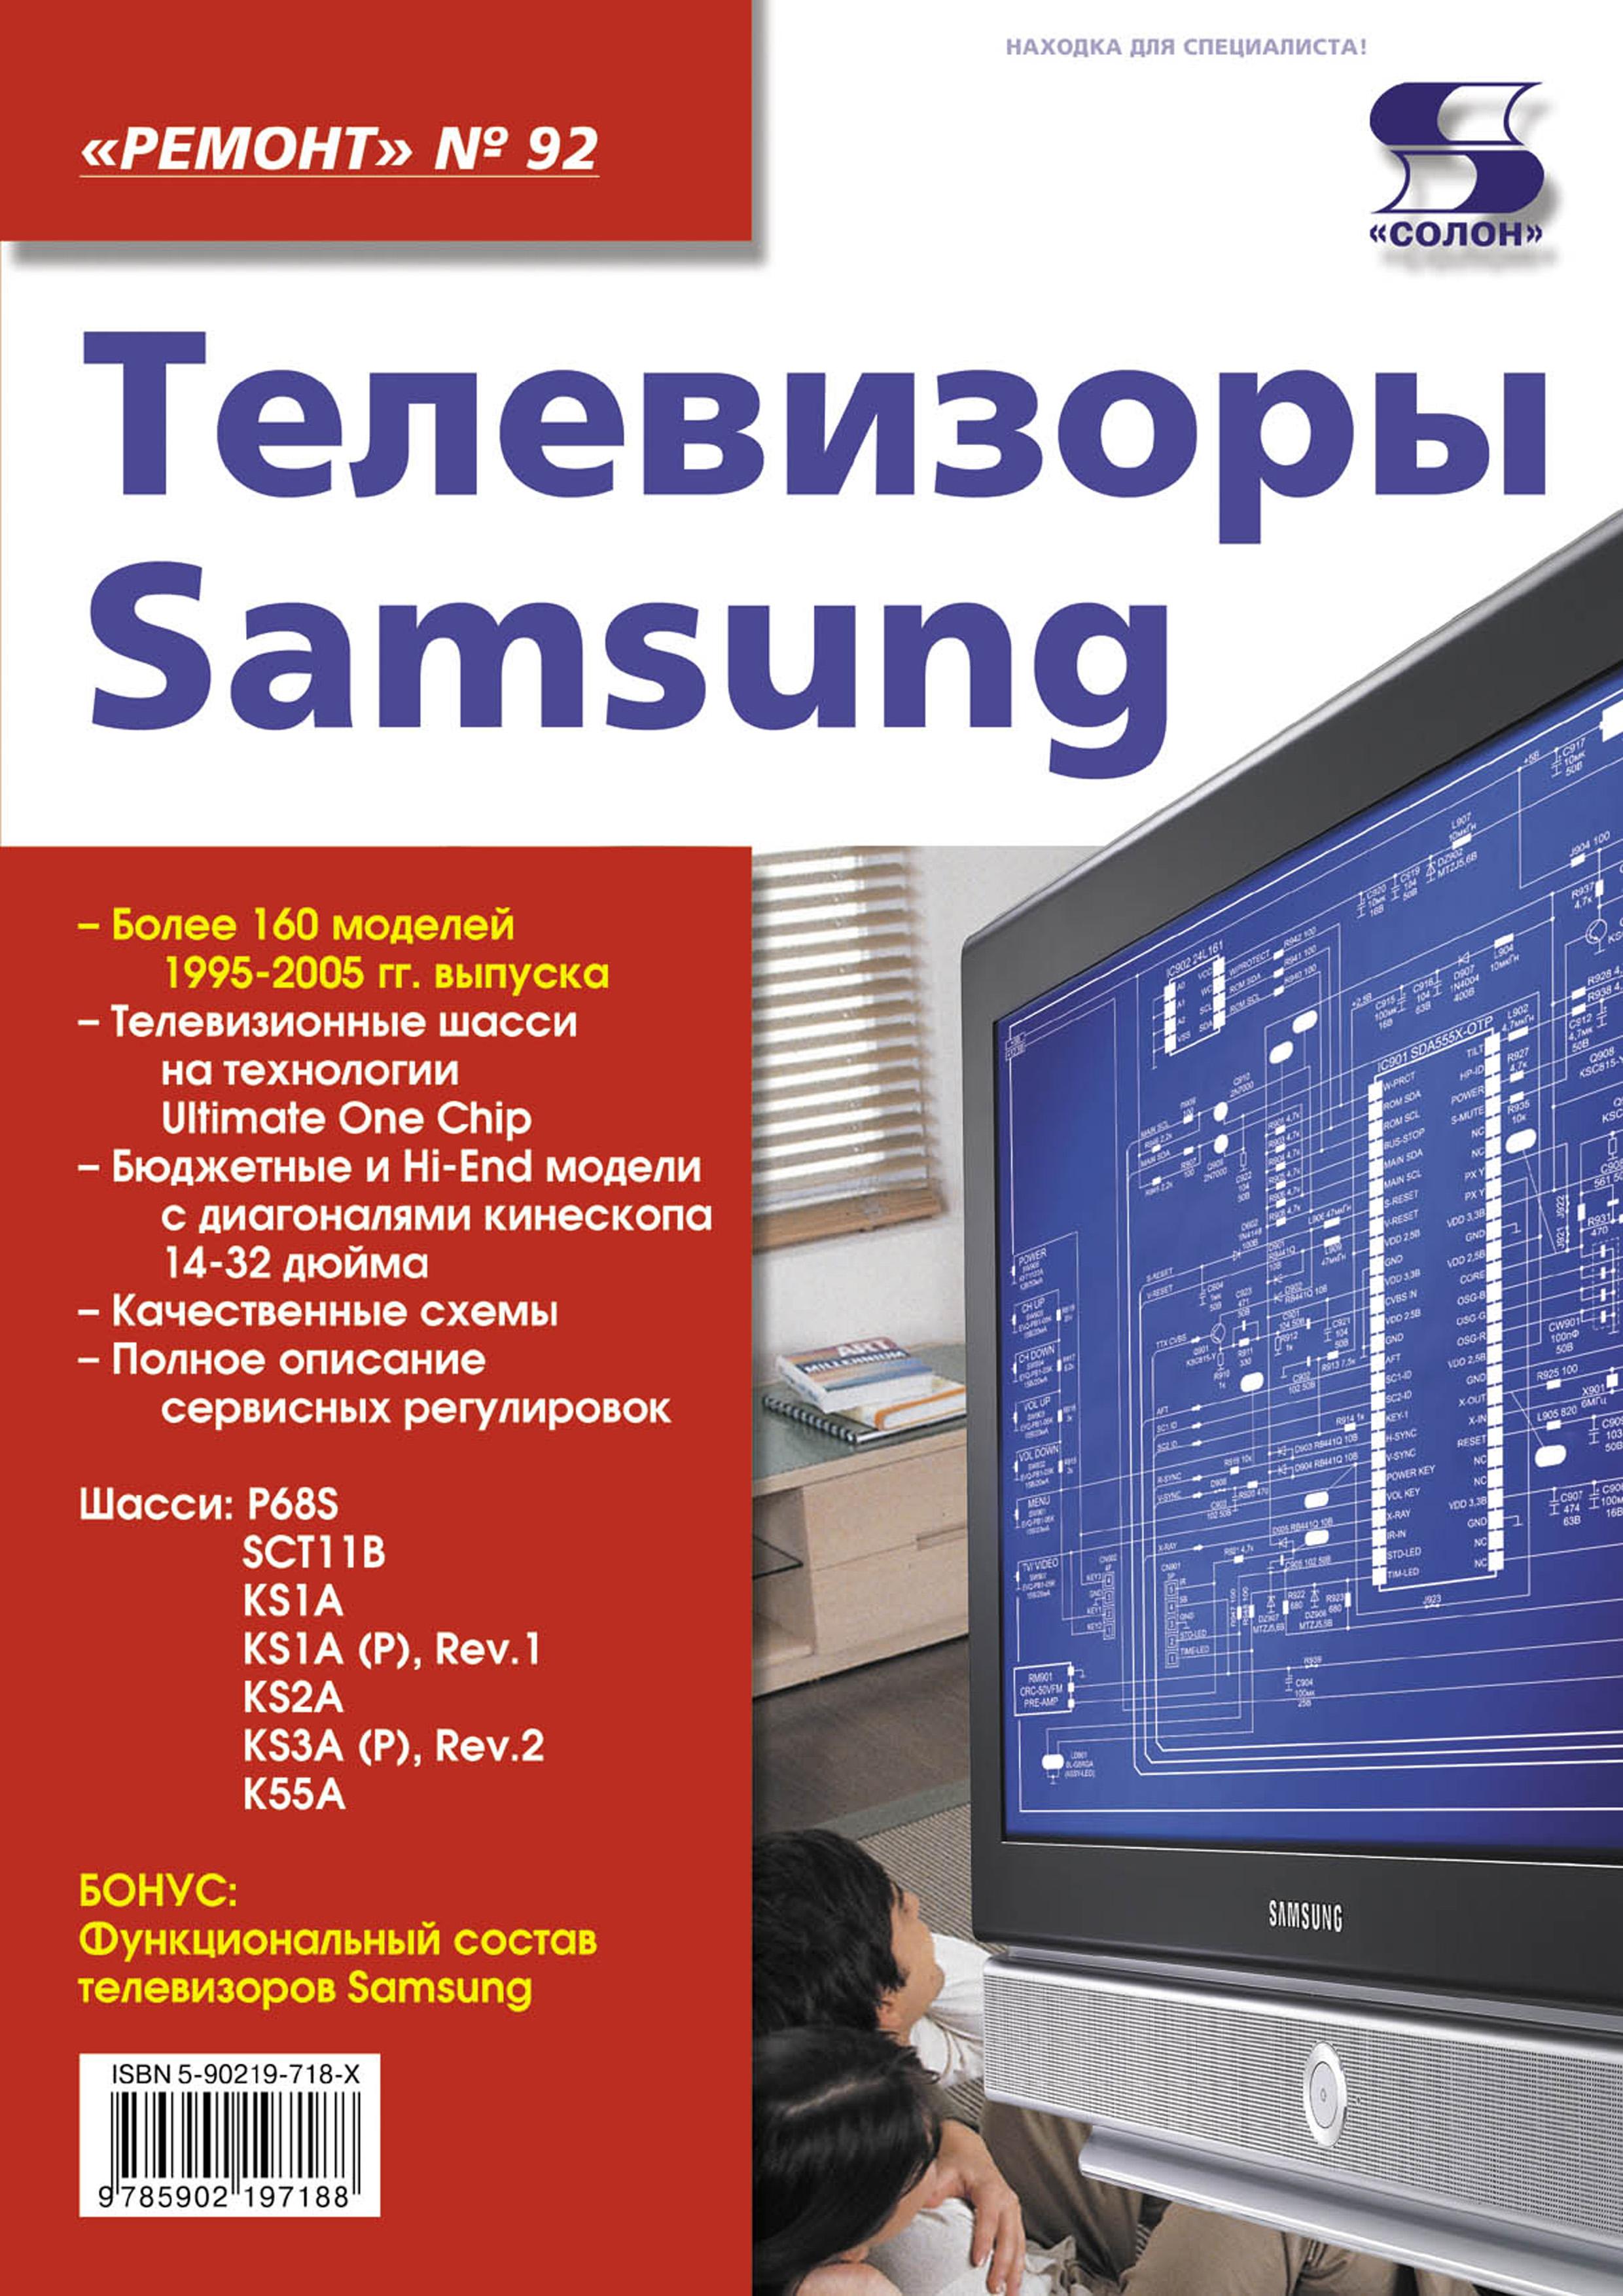 Телевизоры Samsung фото